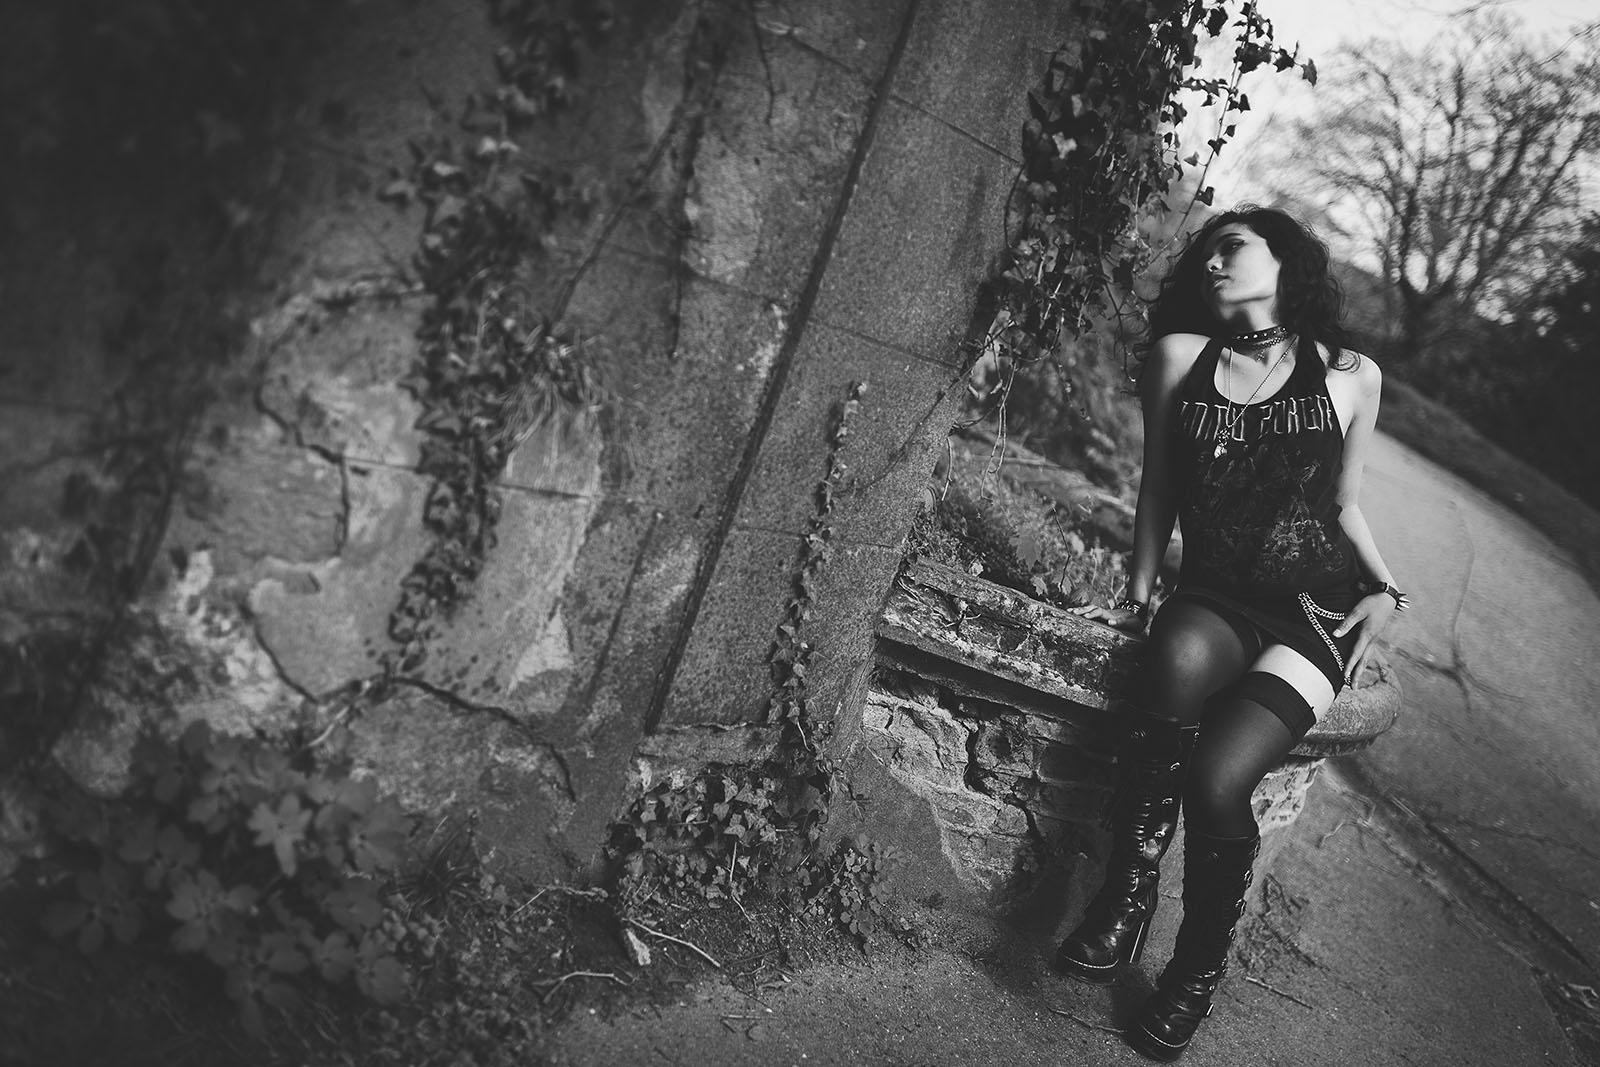 femme glamour en extérieur. Séance photo glamour en extérieur par un photographe professionnel à Lyon. Avec une fille mettalleuse en noir et blanc. Femme seule- Blueberry Corner photographe de photo glamour